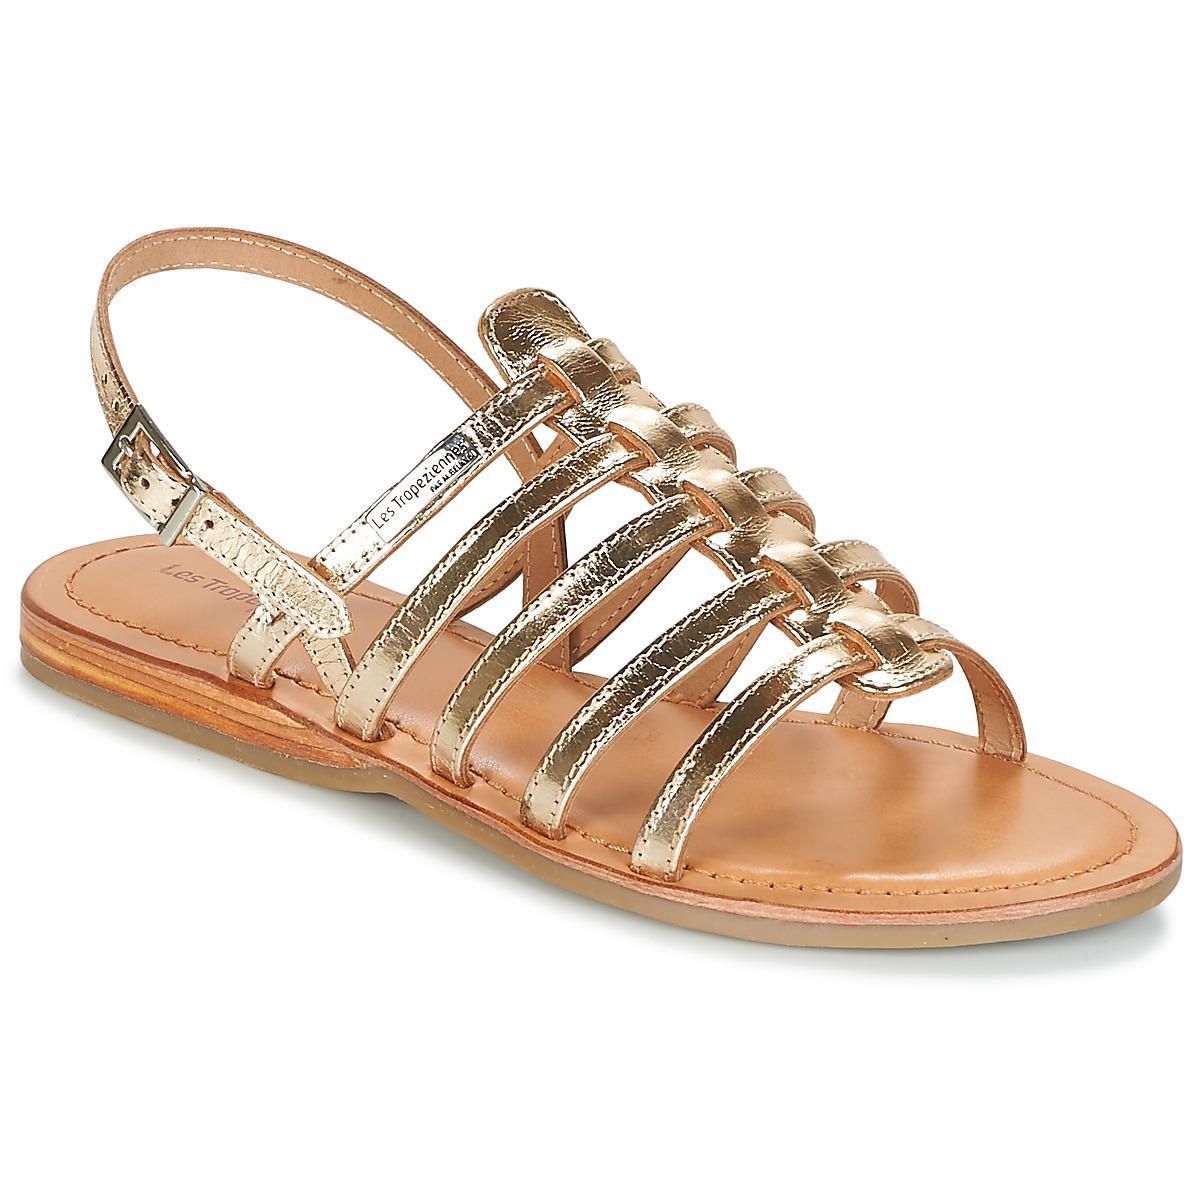 c29f84cec537 Les Tropéziennes Par M Belarbi Havapo Women s Sandals In Gold in ...